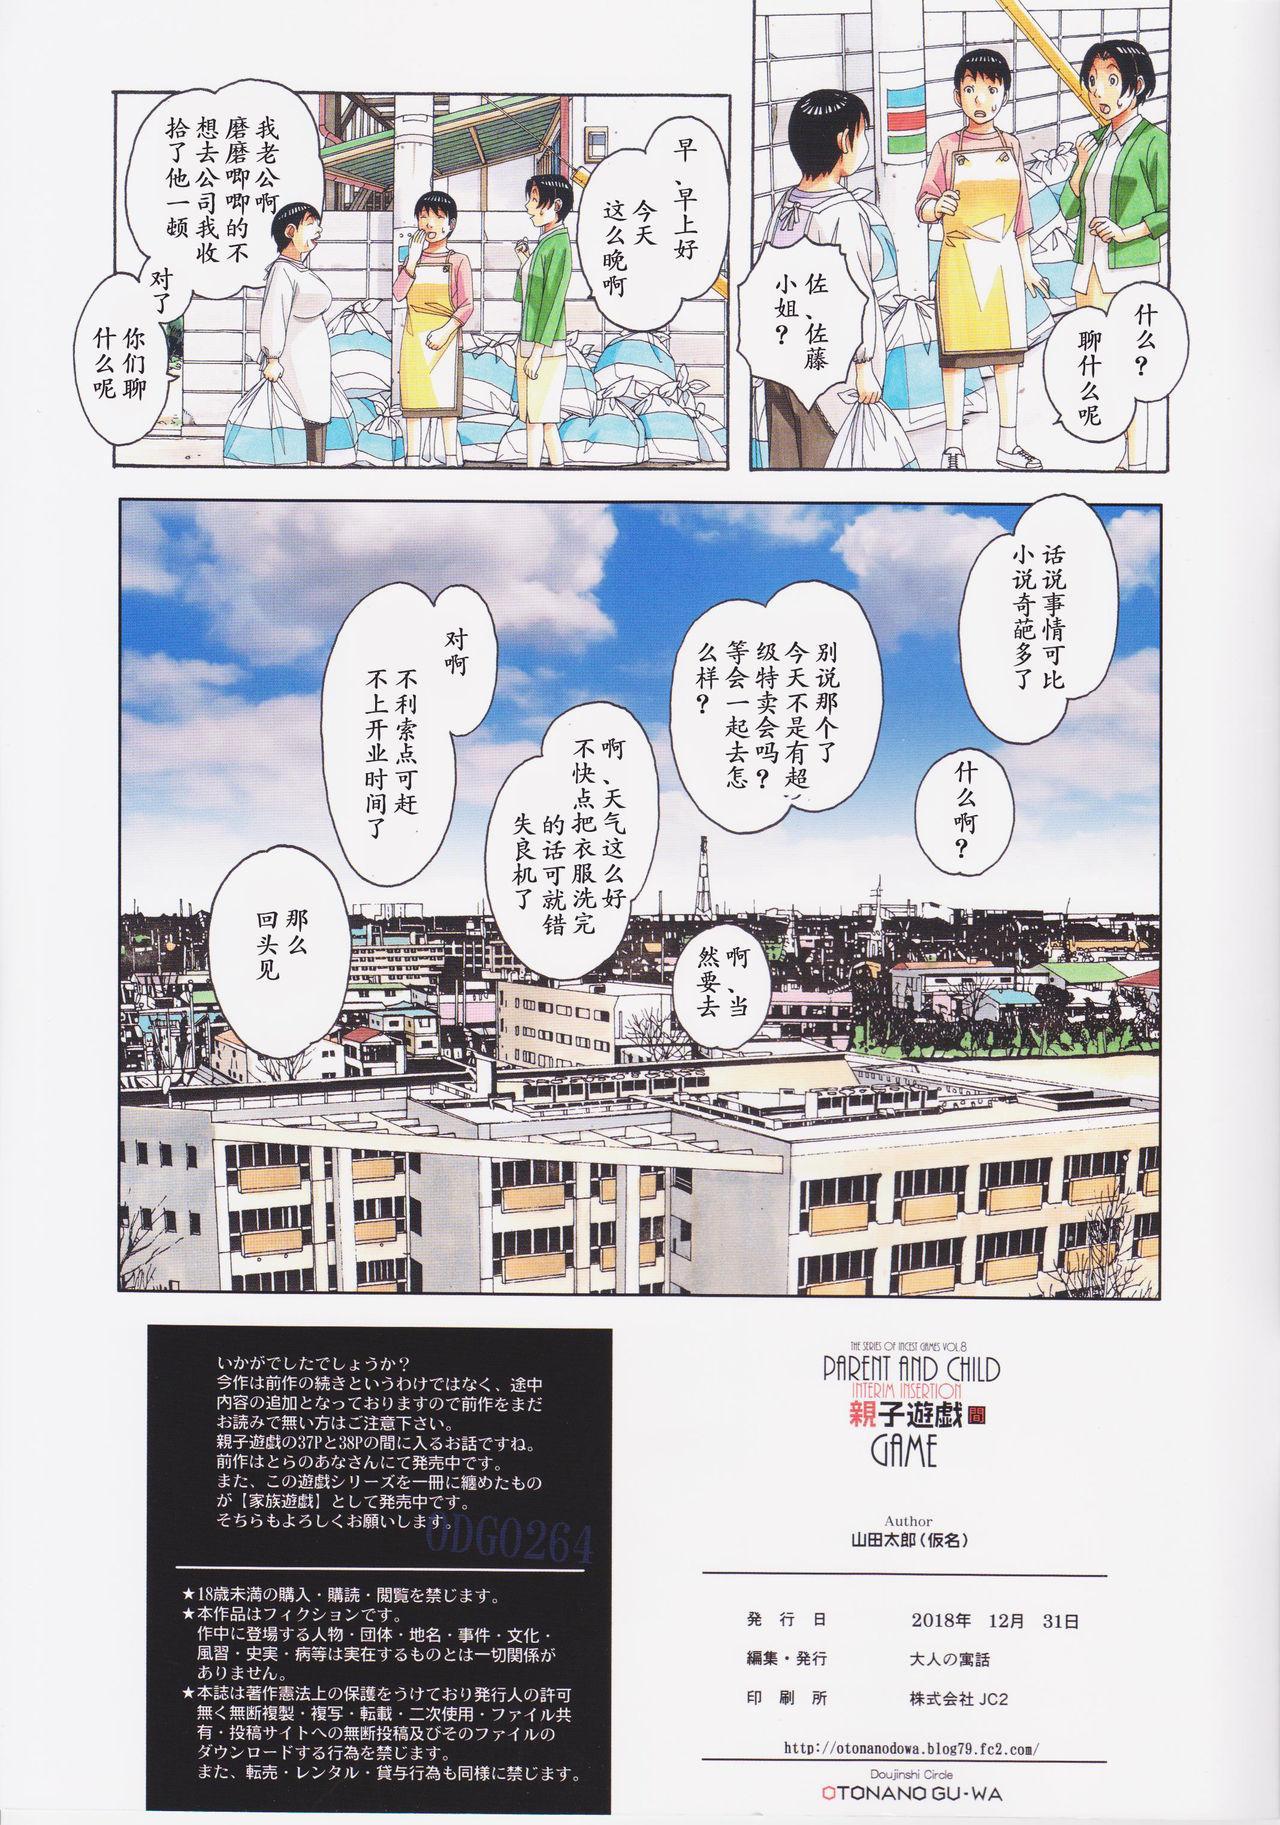 [Otonano Gu-wa (Yamada Tarou (Kamei))] Oyako Yuugi - Parent and Child Game - Aida [Chinese] [ssps008个人汉化] 30